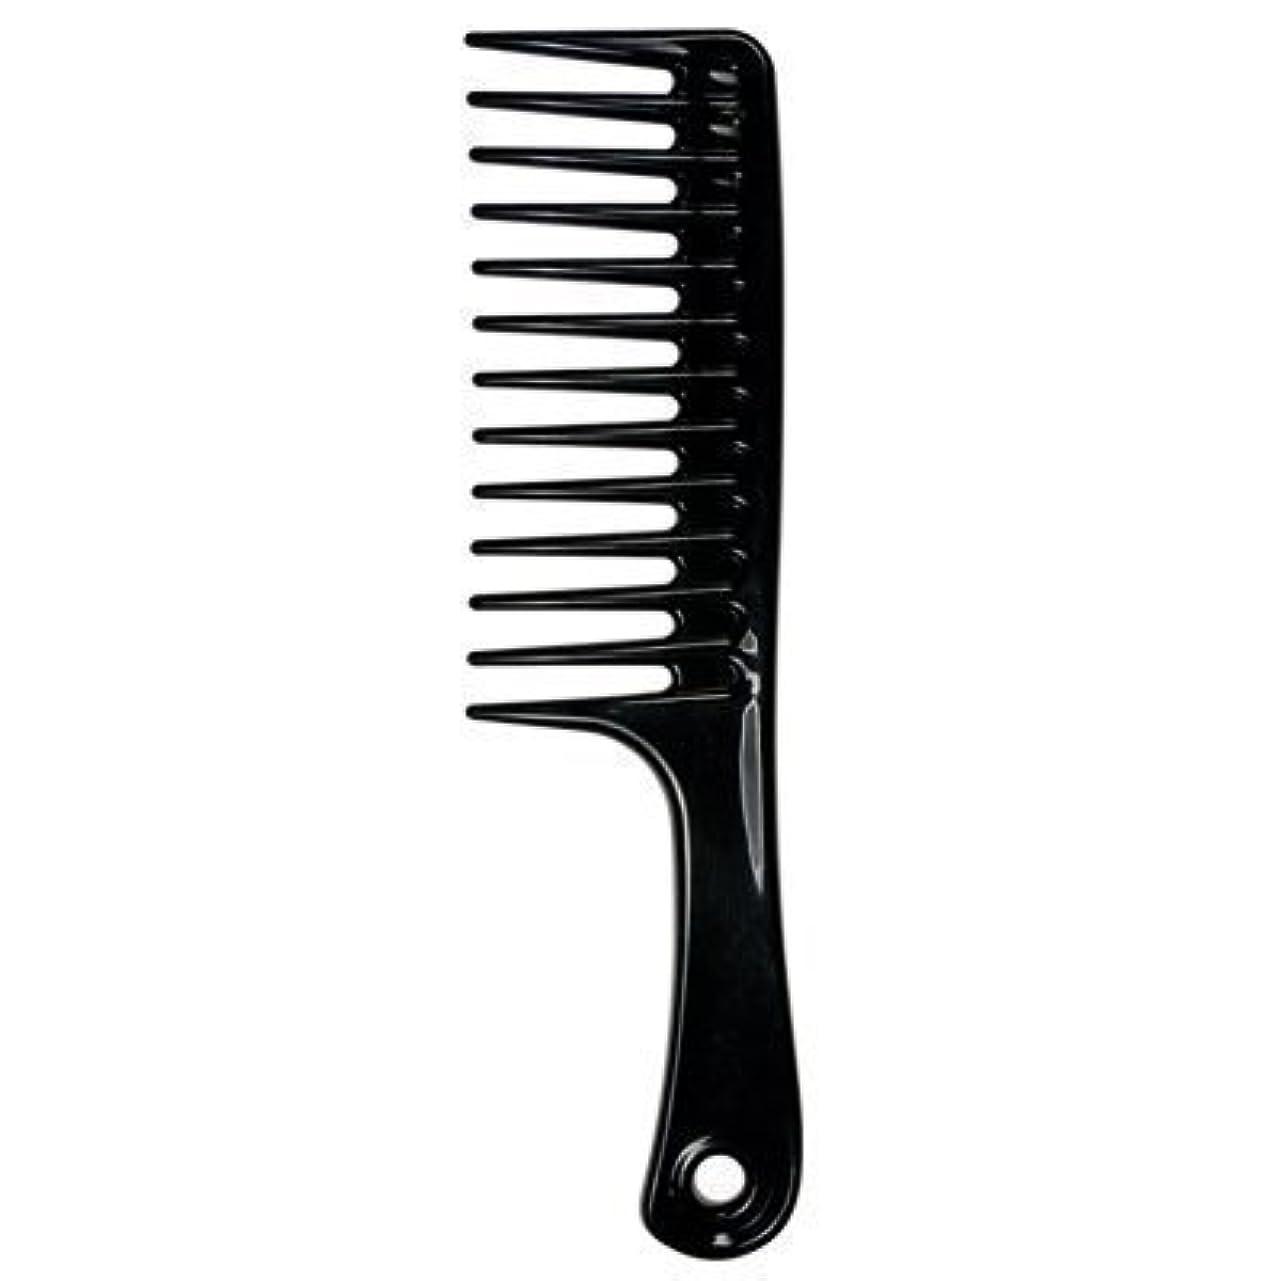 改善する戦闘アベニューLarge Tooth Detangle Comb Shampoo Wide Teeth Comb Hair Salon Shampoo Comb Unbreakable 9 1/2